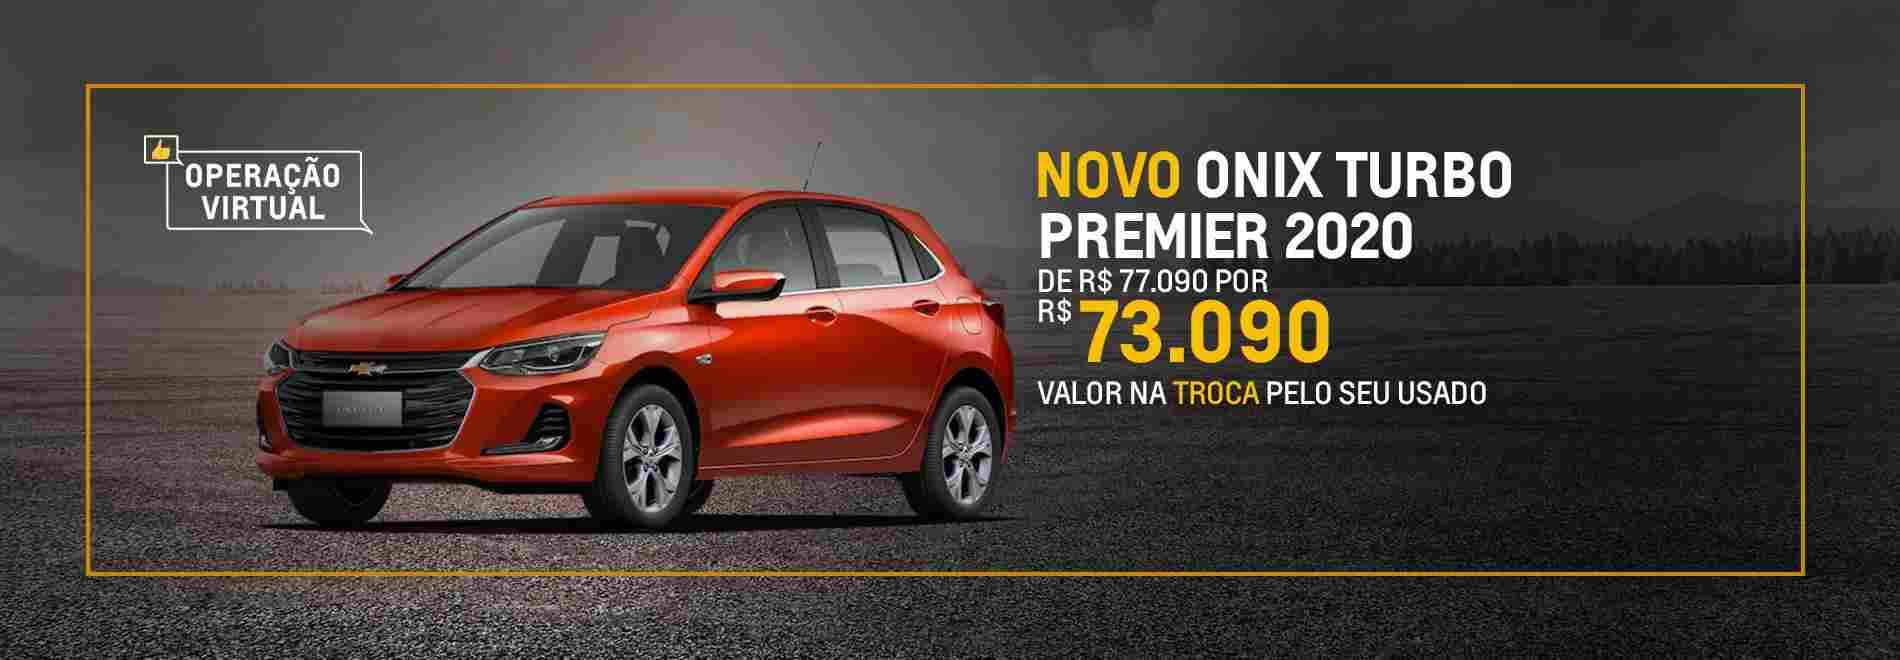 Concessionaria Nicola A Sua Chevrolet Em Uruguaiana